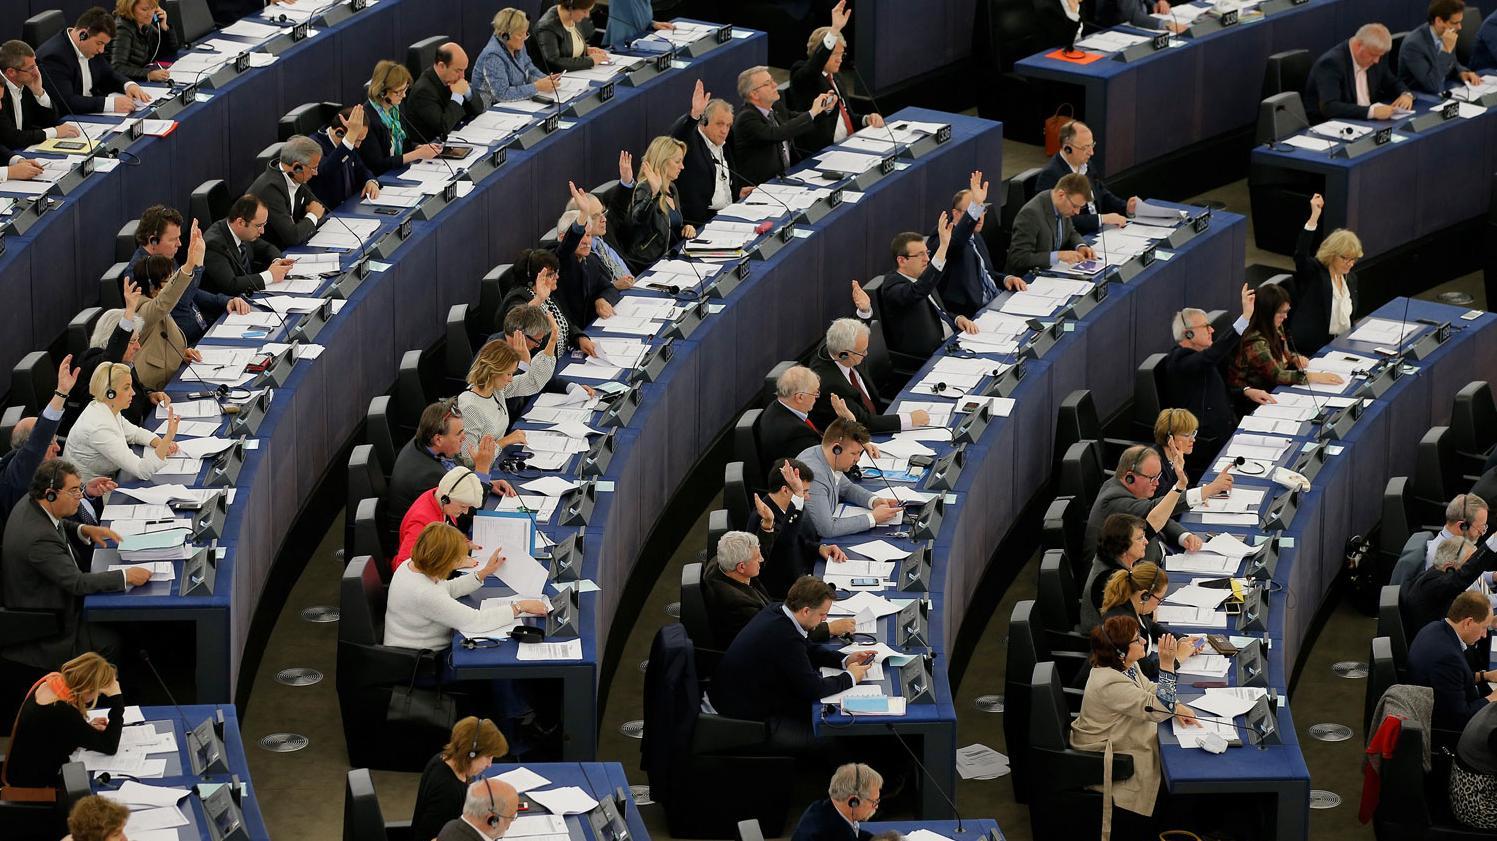 ההצבעה בפרלמנט האירופי על העברת מידע על נוסעים בטיסות, שטרסבורג, 14 באפריל 2016